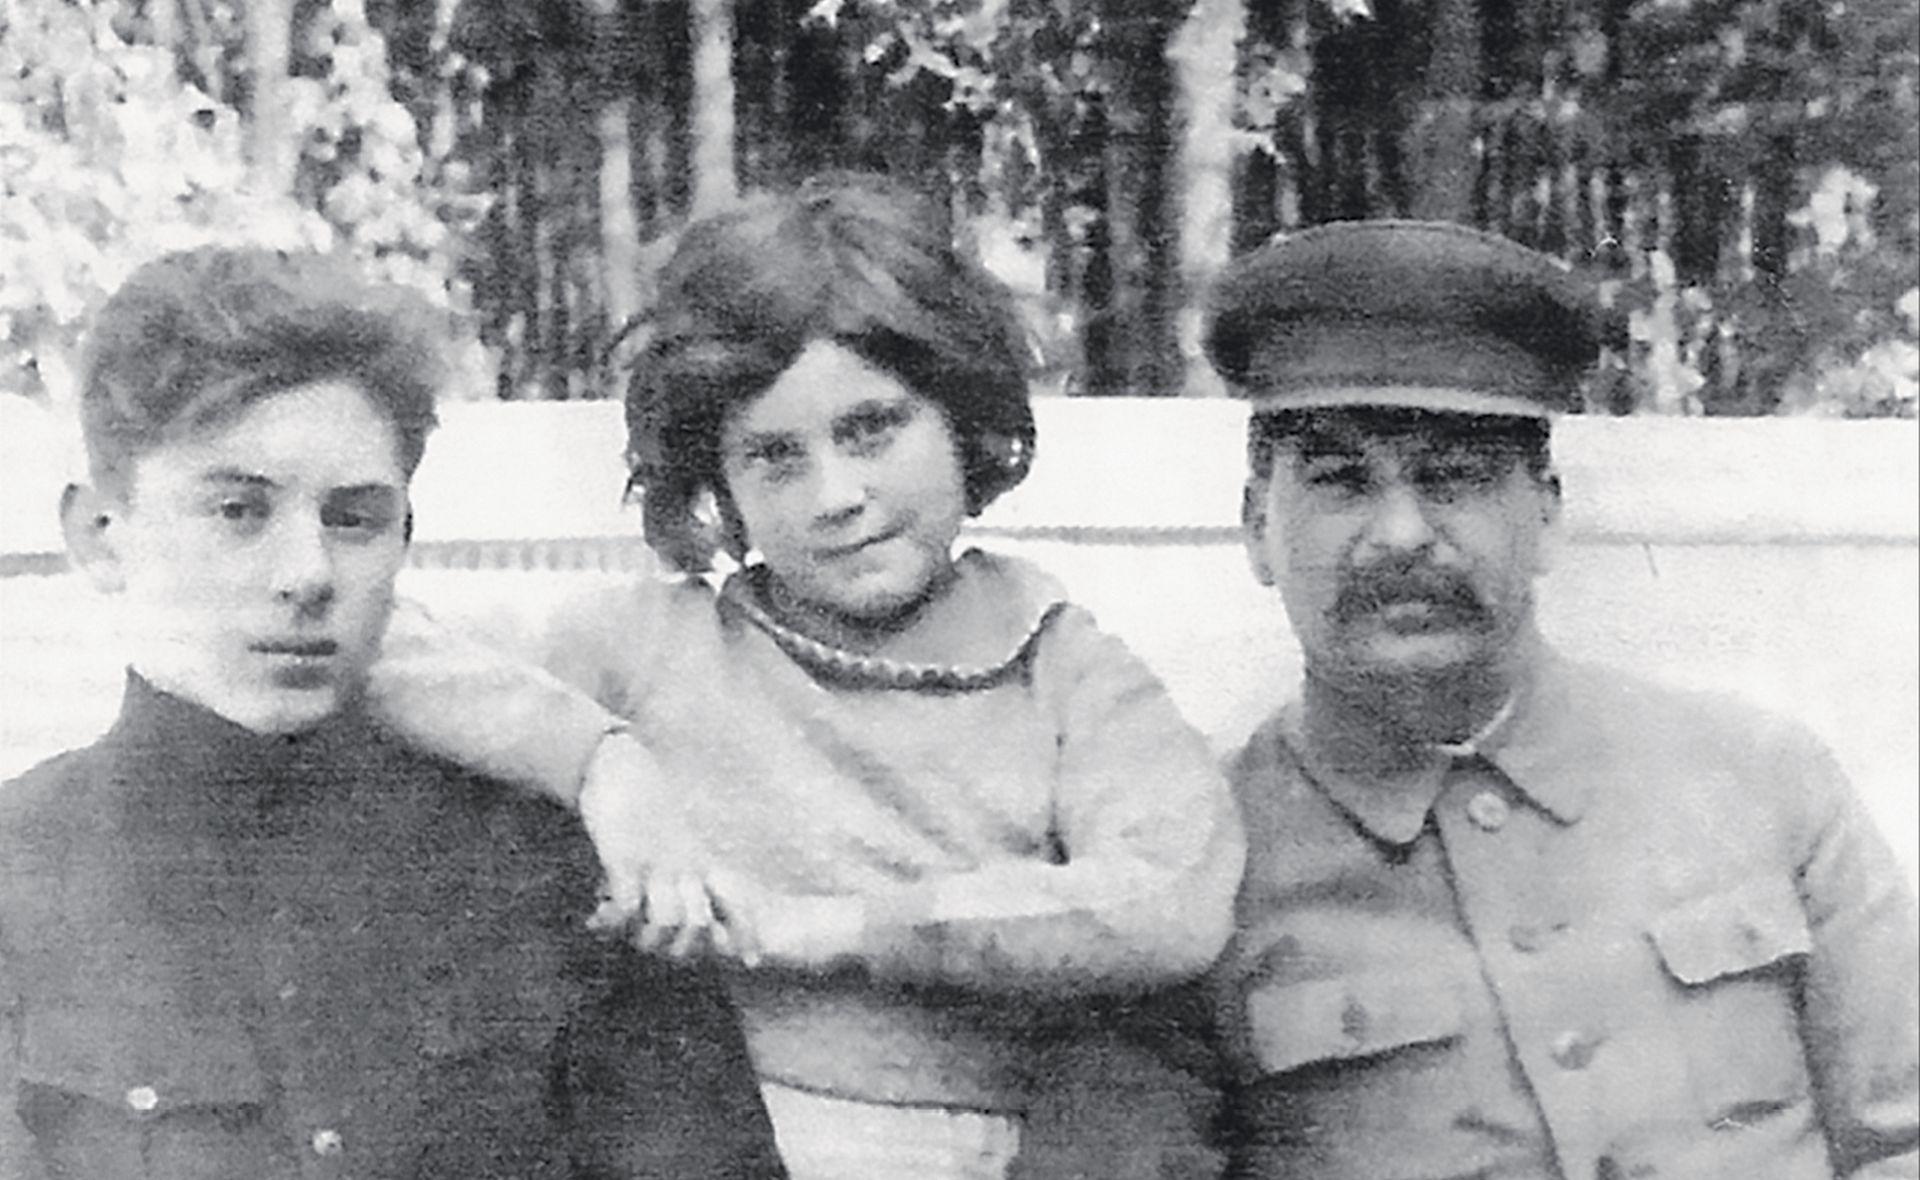 'Moj otac Staljin umirao je pet dana u najstrašnijim mukama'